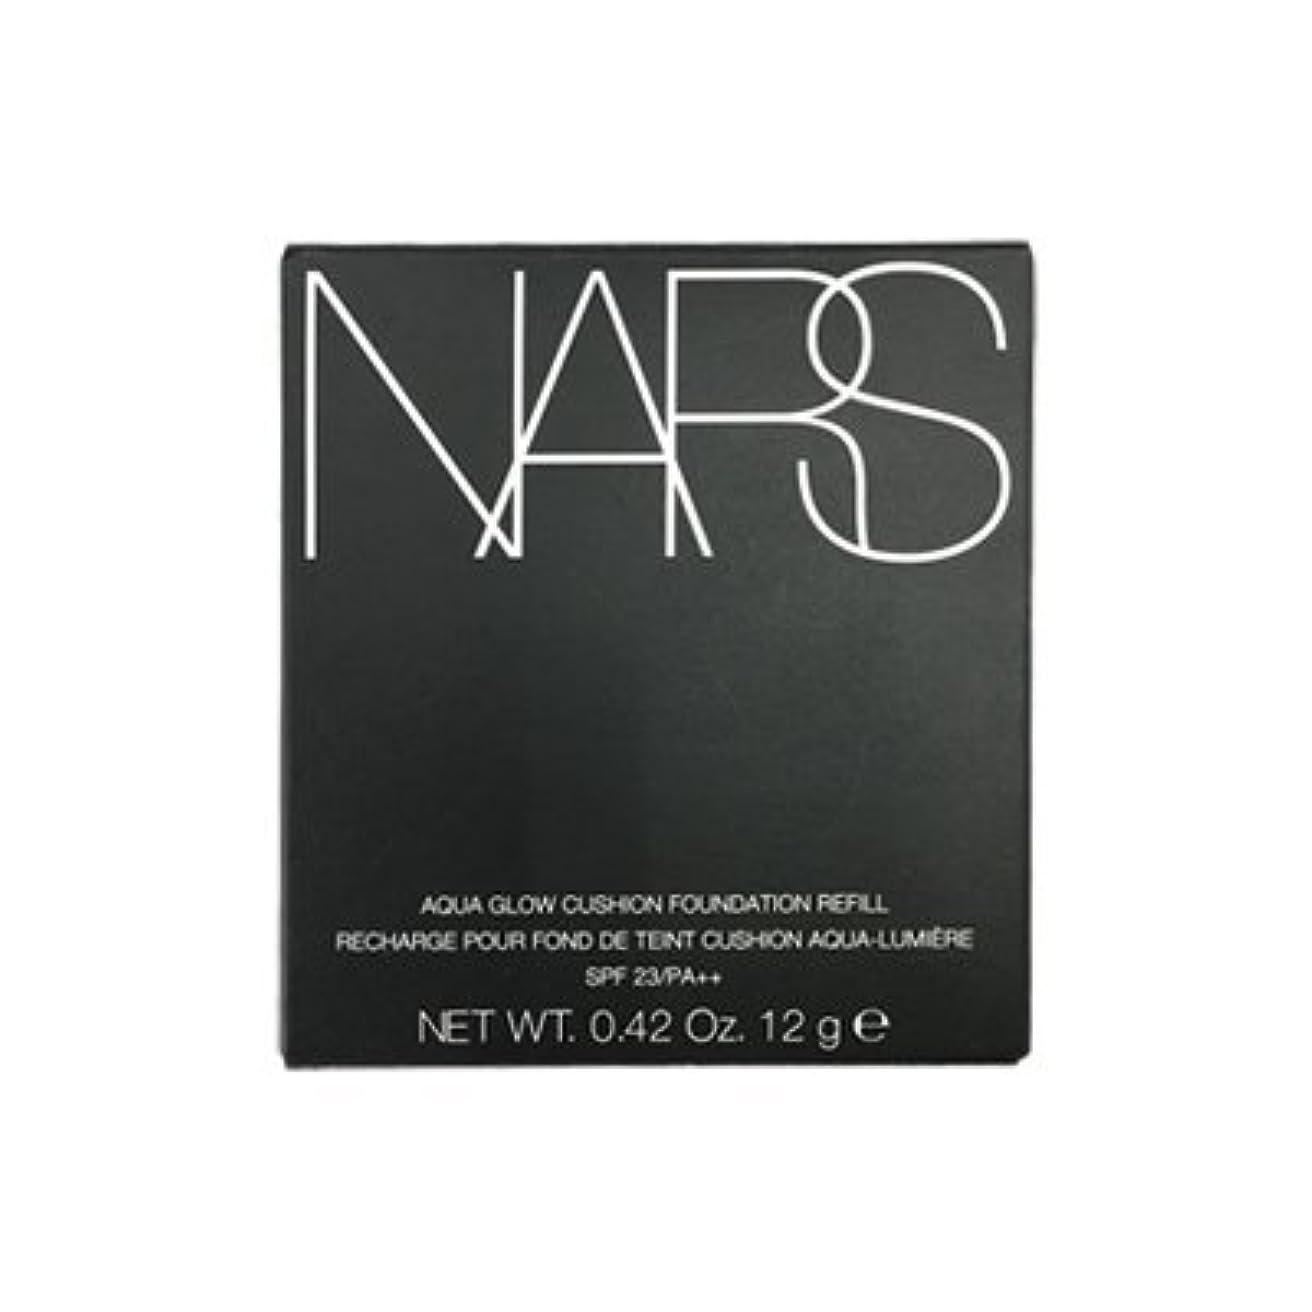 ストロースキー地区NARS アクアティックグロー クッションコンパクト レフィル SPF23/PA++ #6802 [並行輸入品]